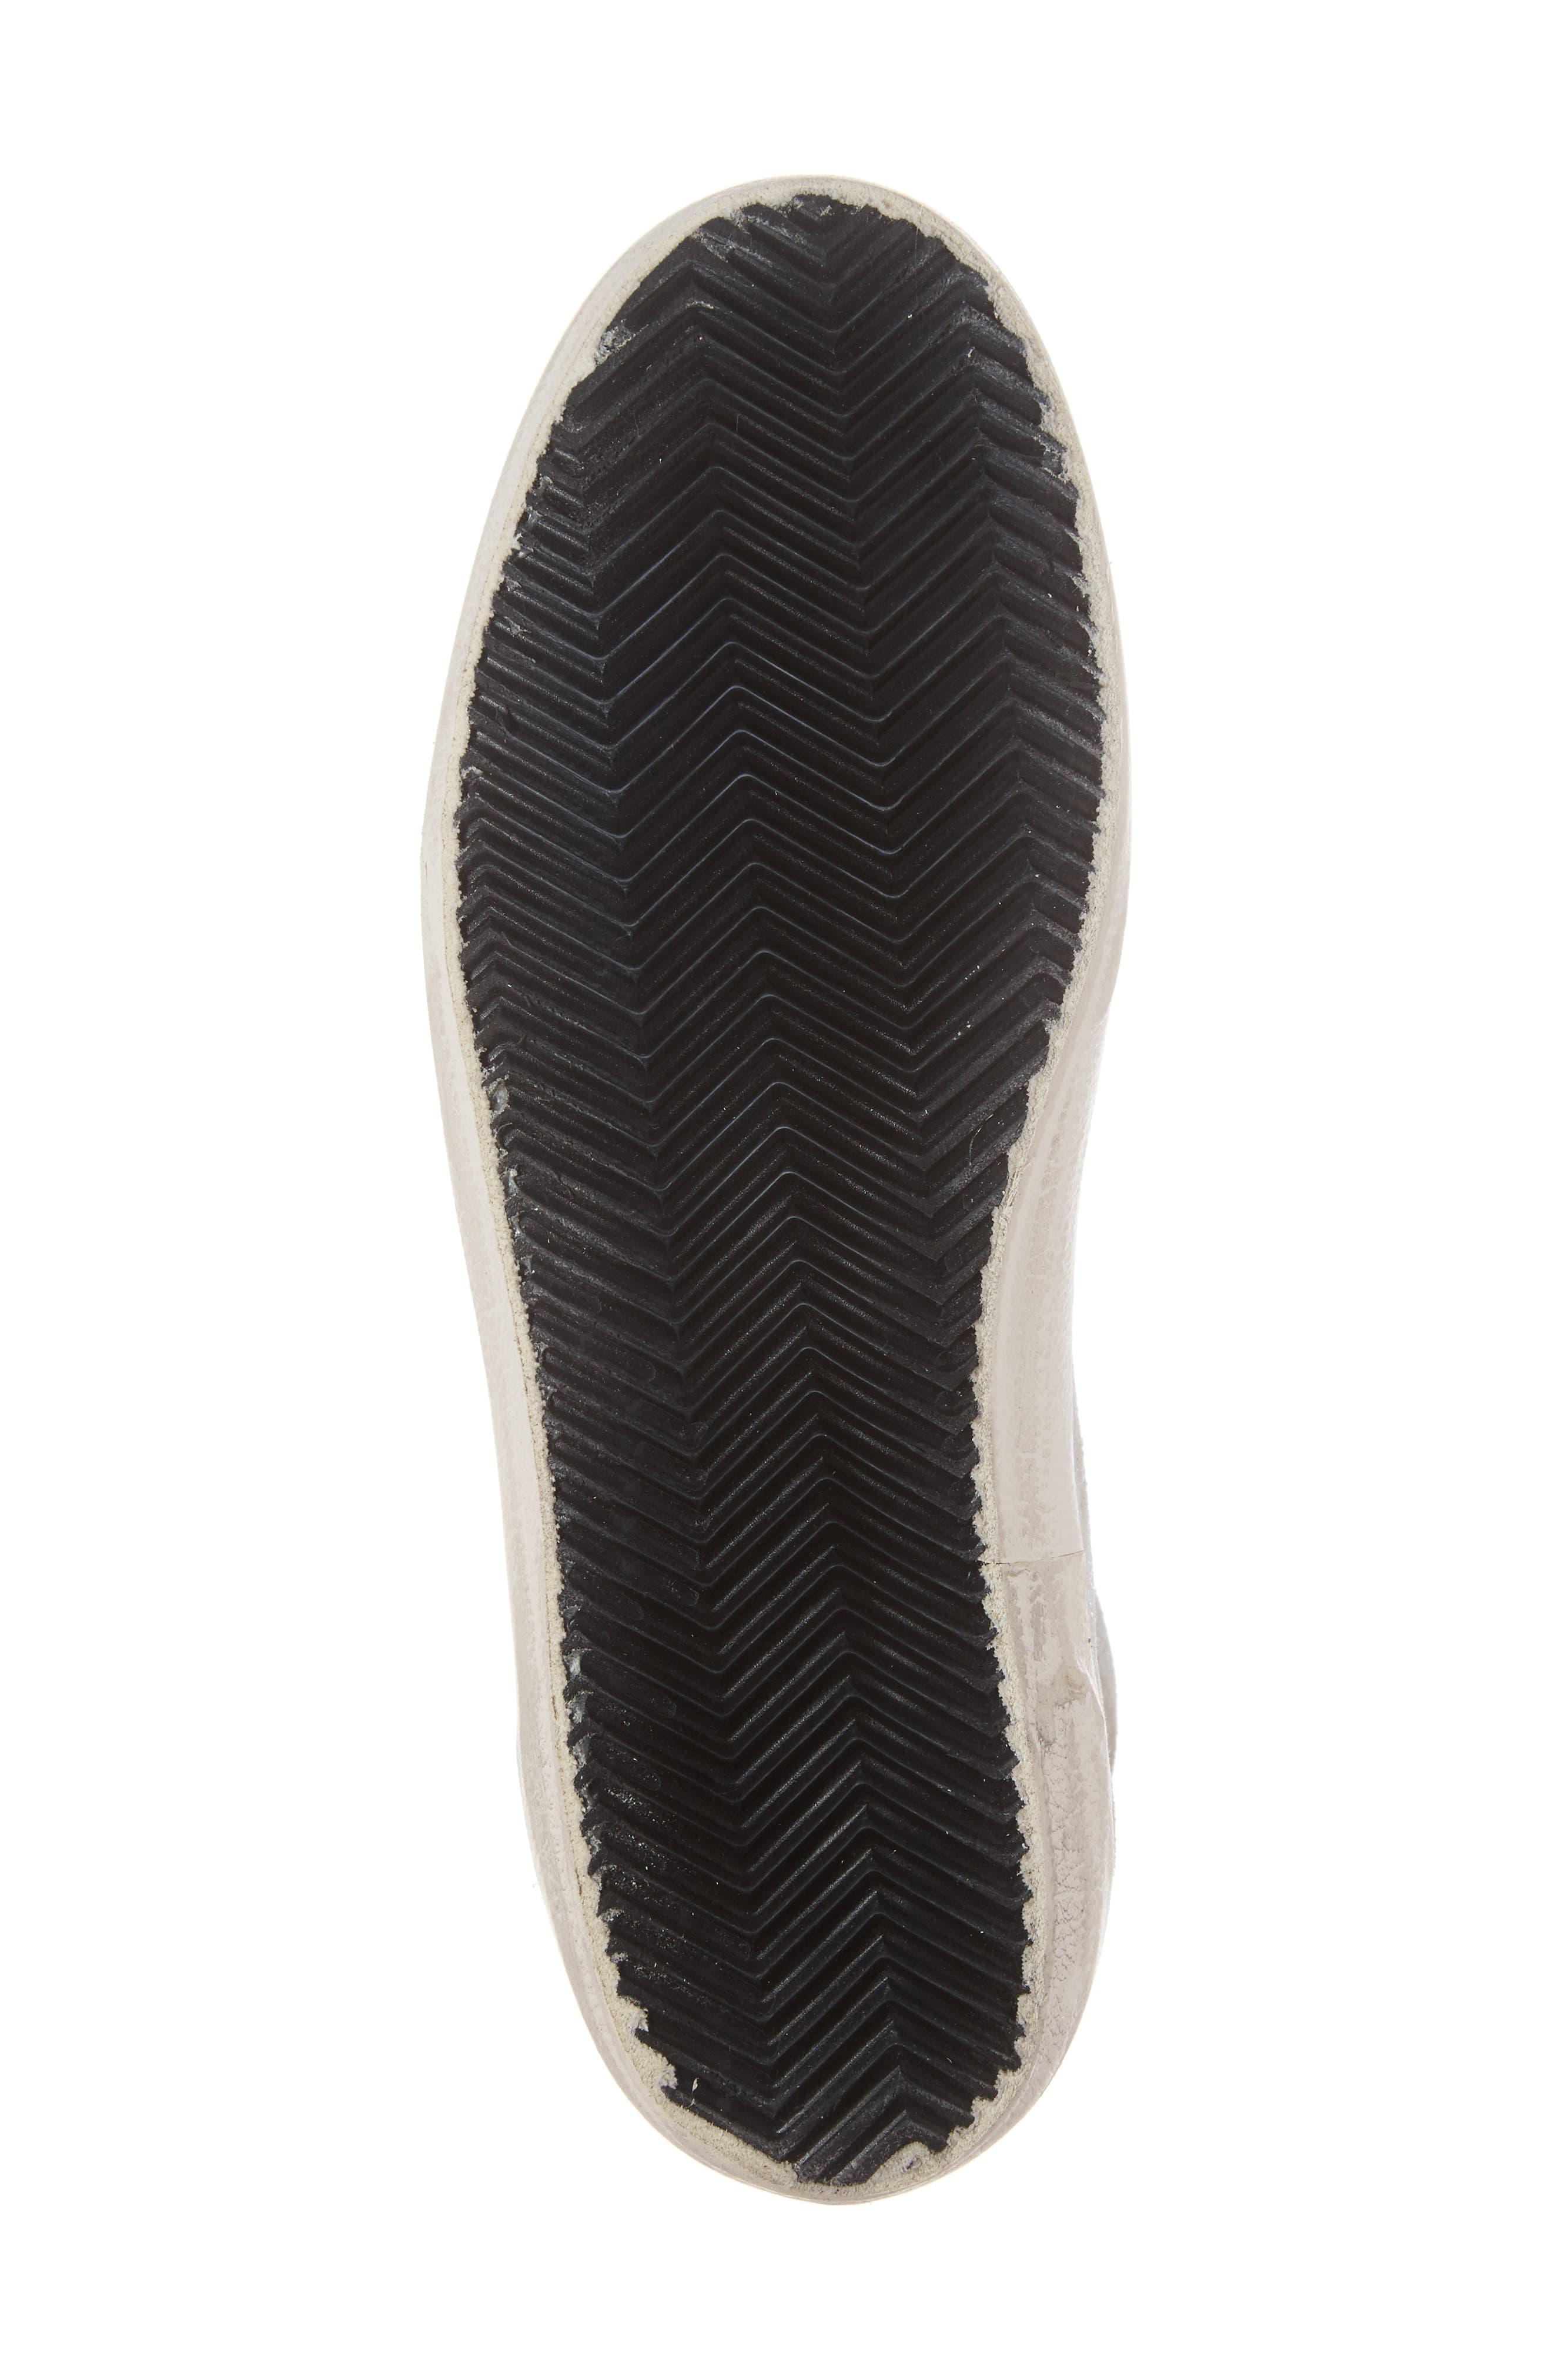 Star Mid Top Sneaker,                             Alternate thumbnail 6, color,                             White Zebra